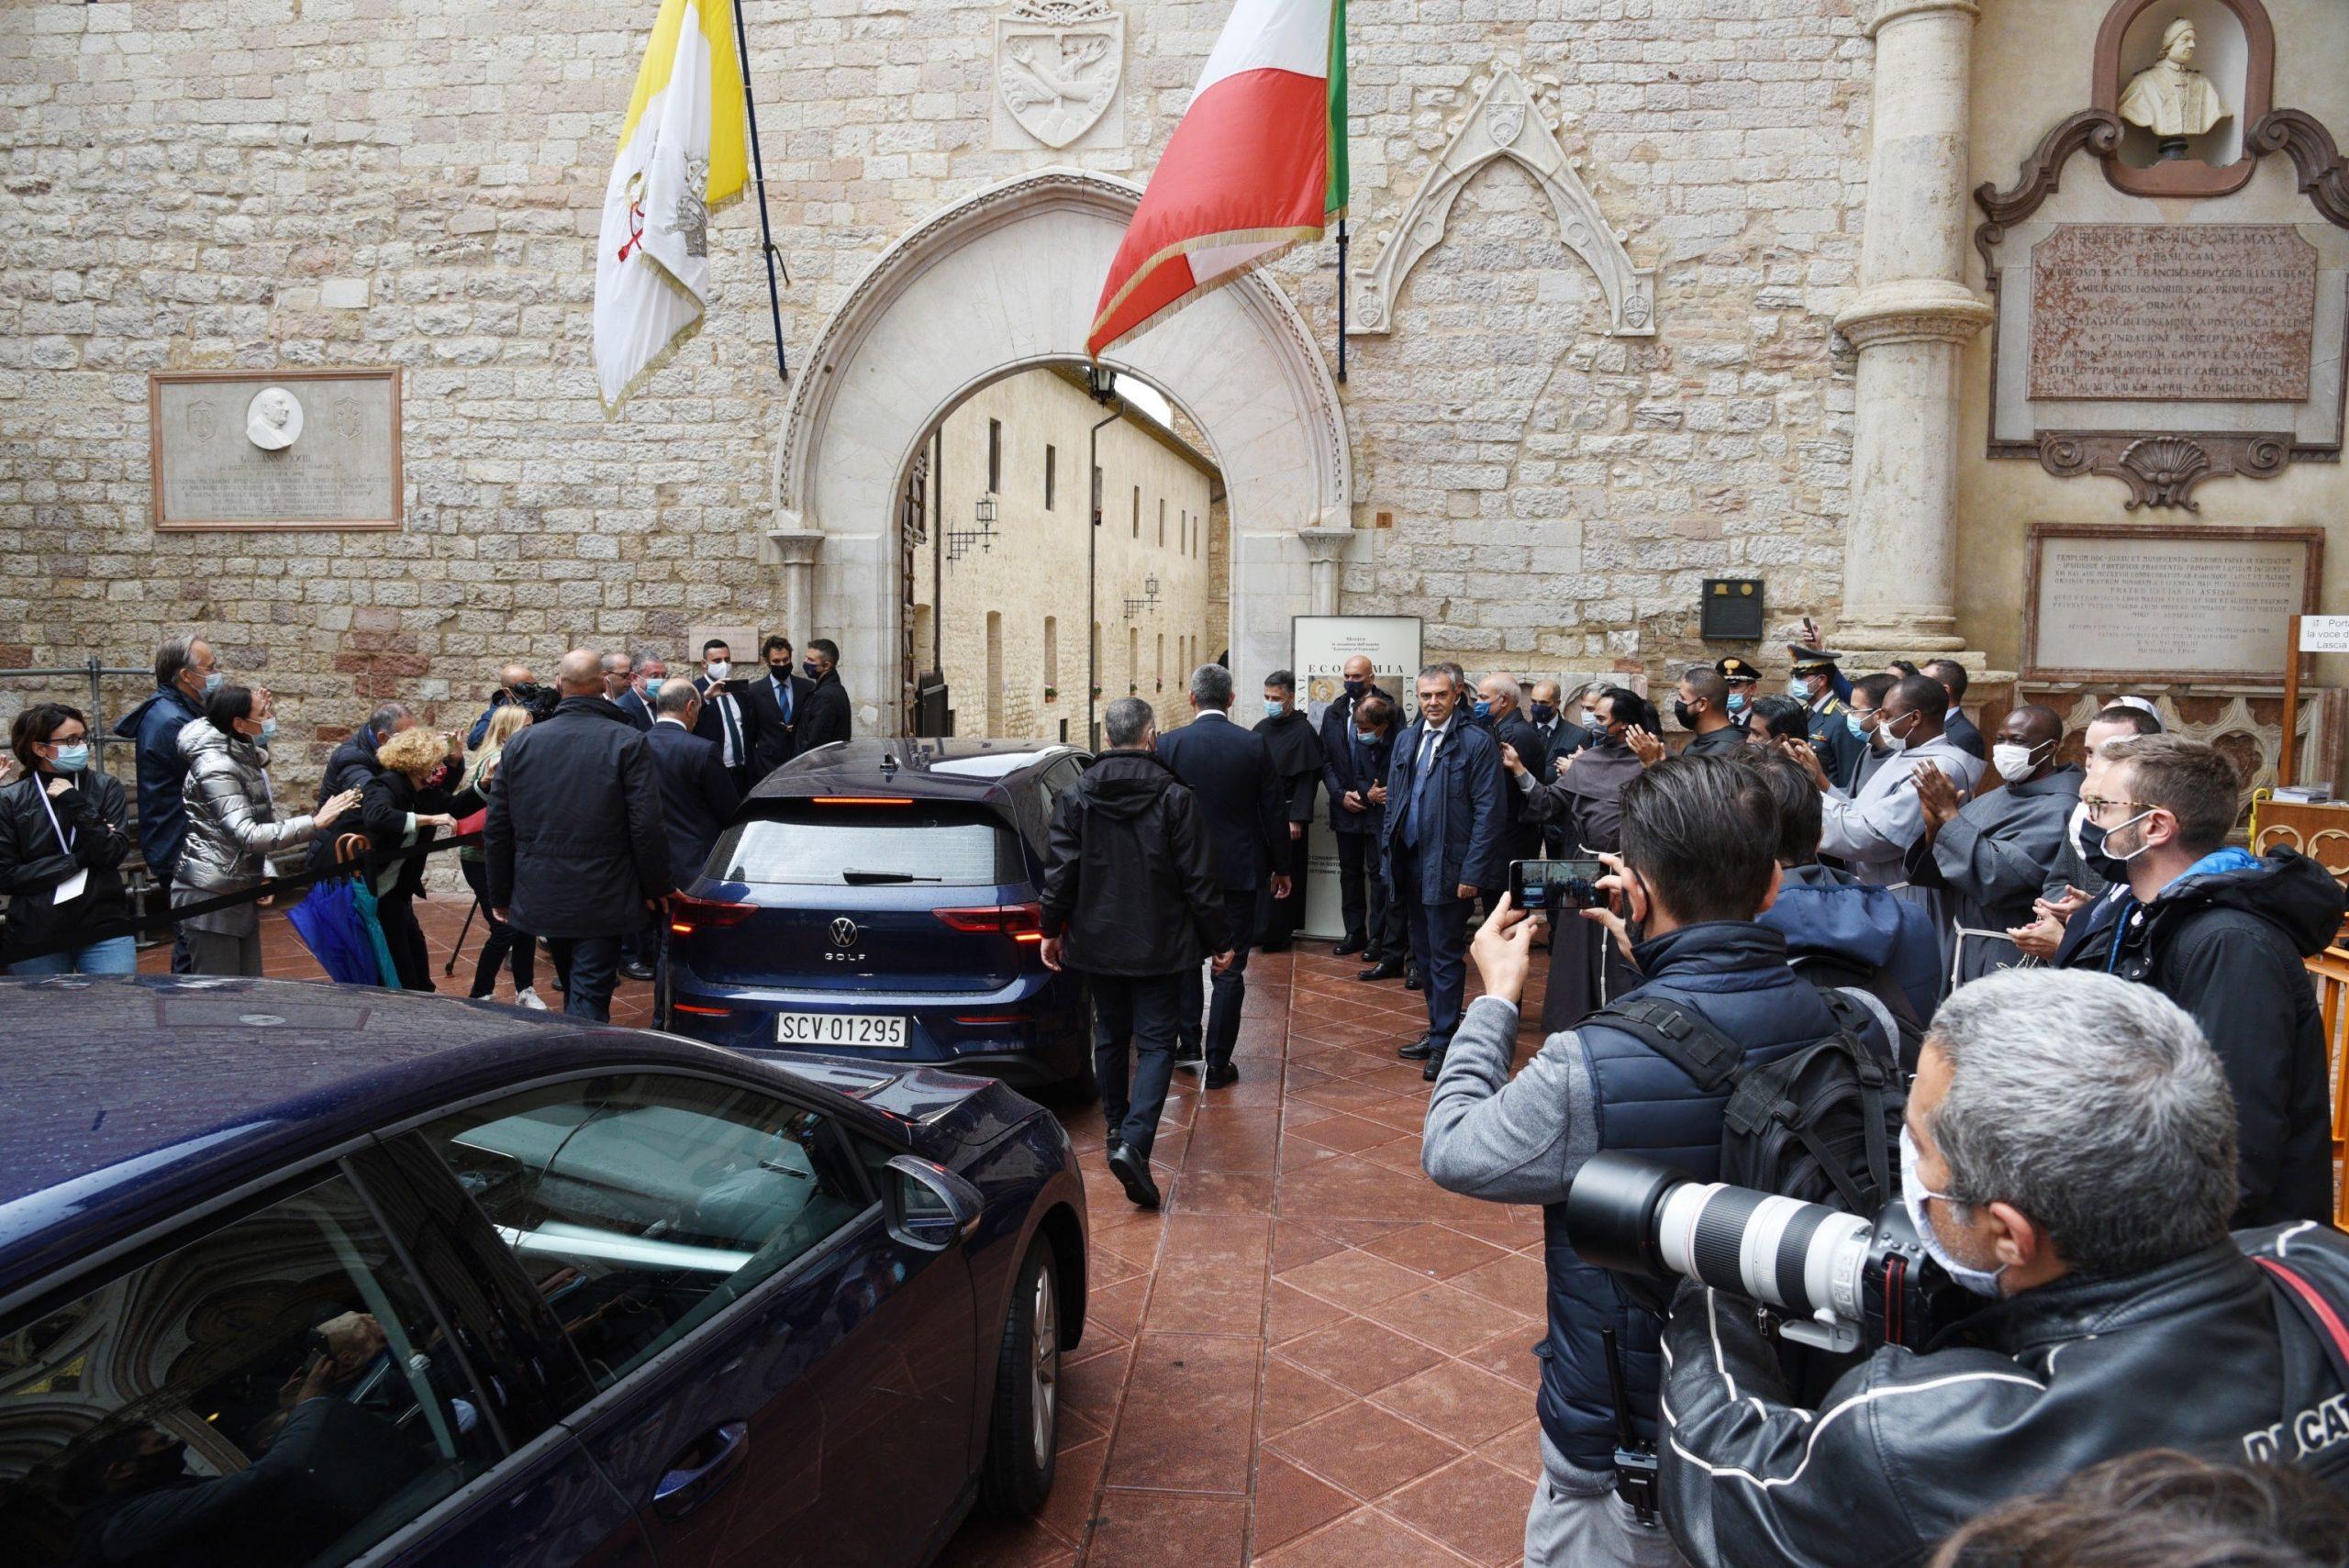 Papa Francisco y su personal de seguridad ante la mirada de fieles en la entrada de la Basílica de San Francisco de Asís, en Italia. Foto de EFE/EPA/PIETRO CROCCHIONI.